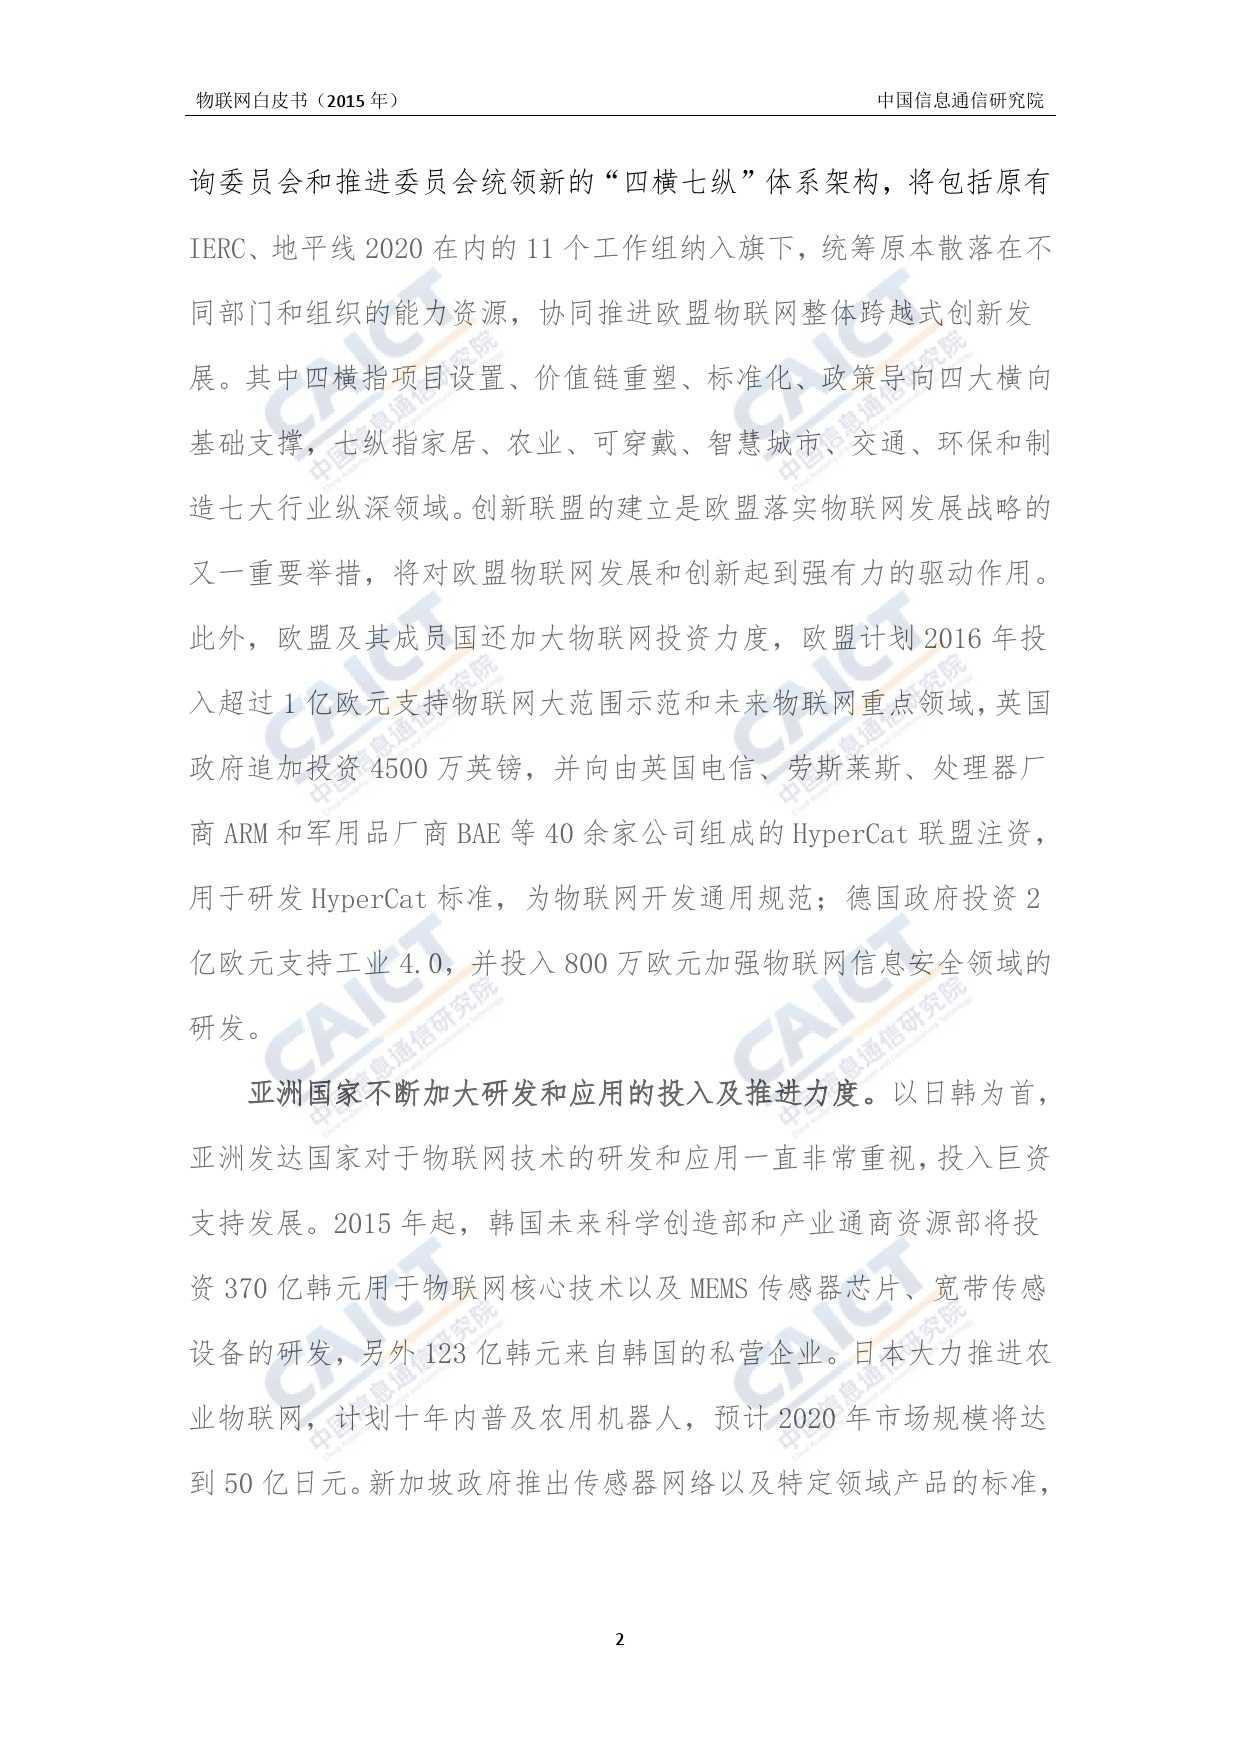 中国信息通信研究院:2015年物联网白皮书_000006